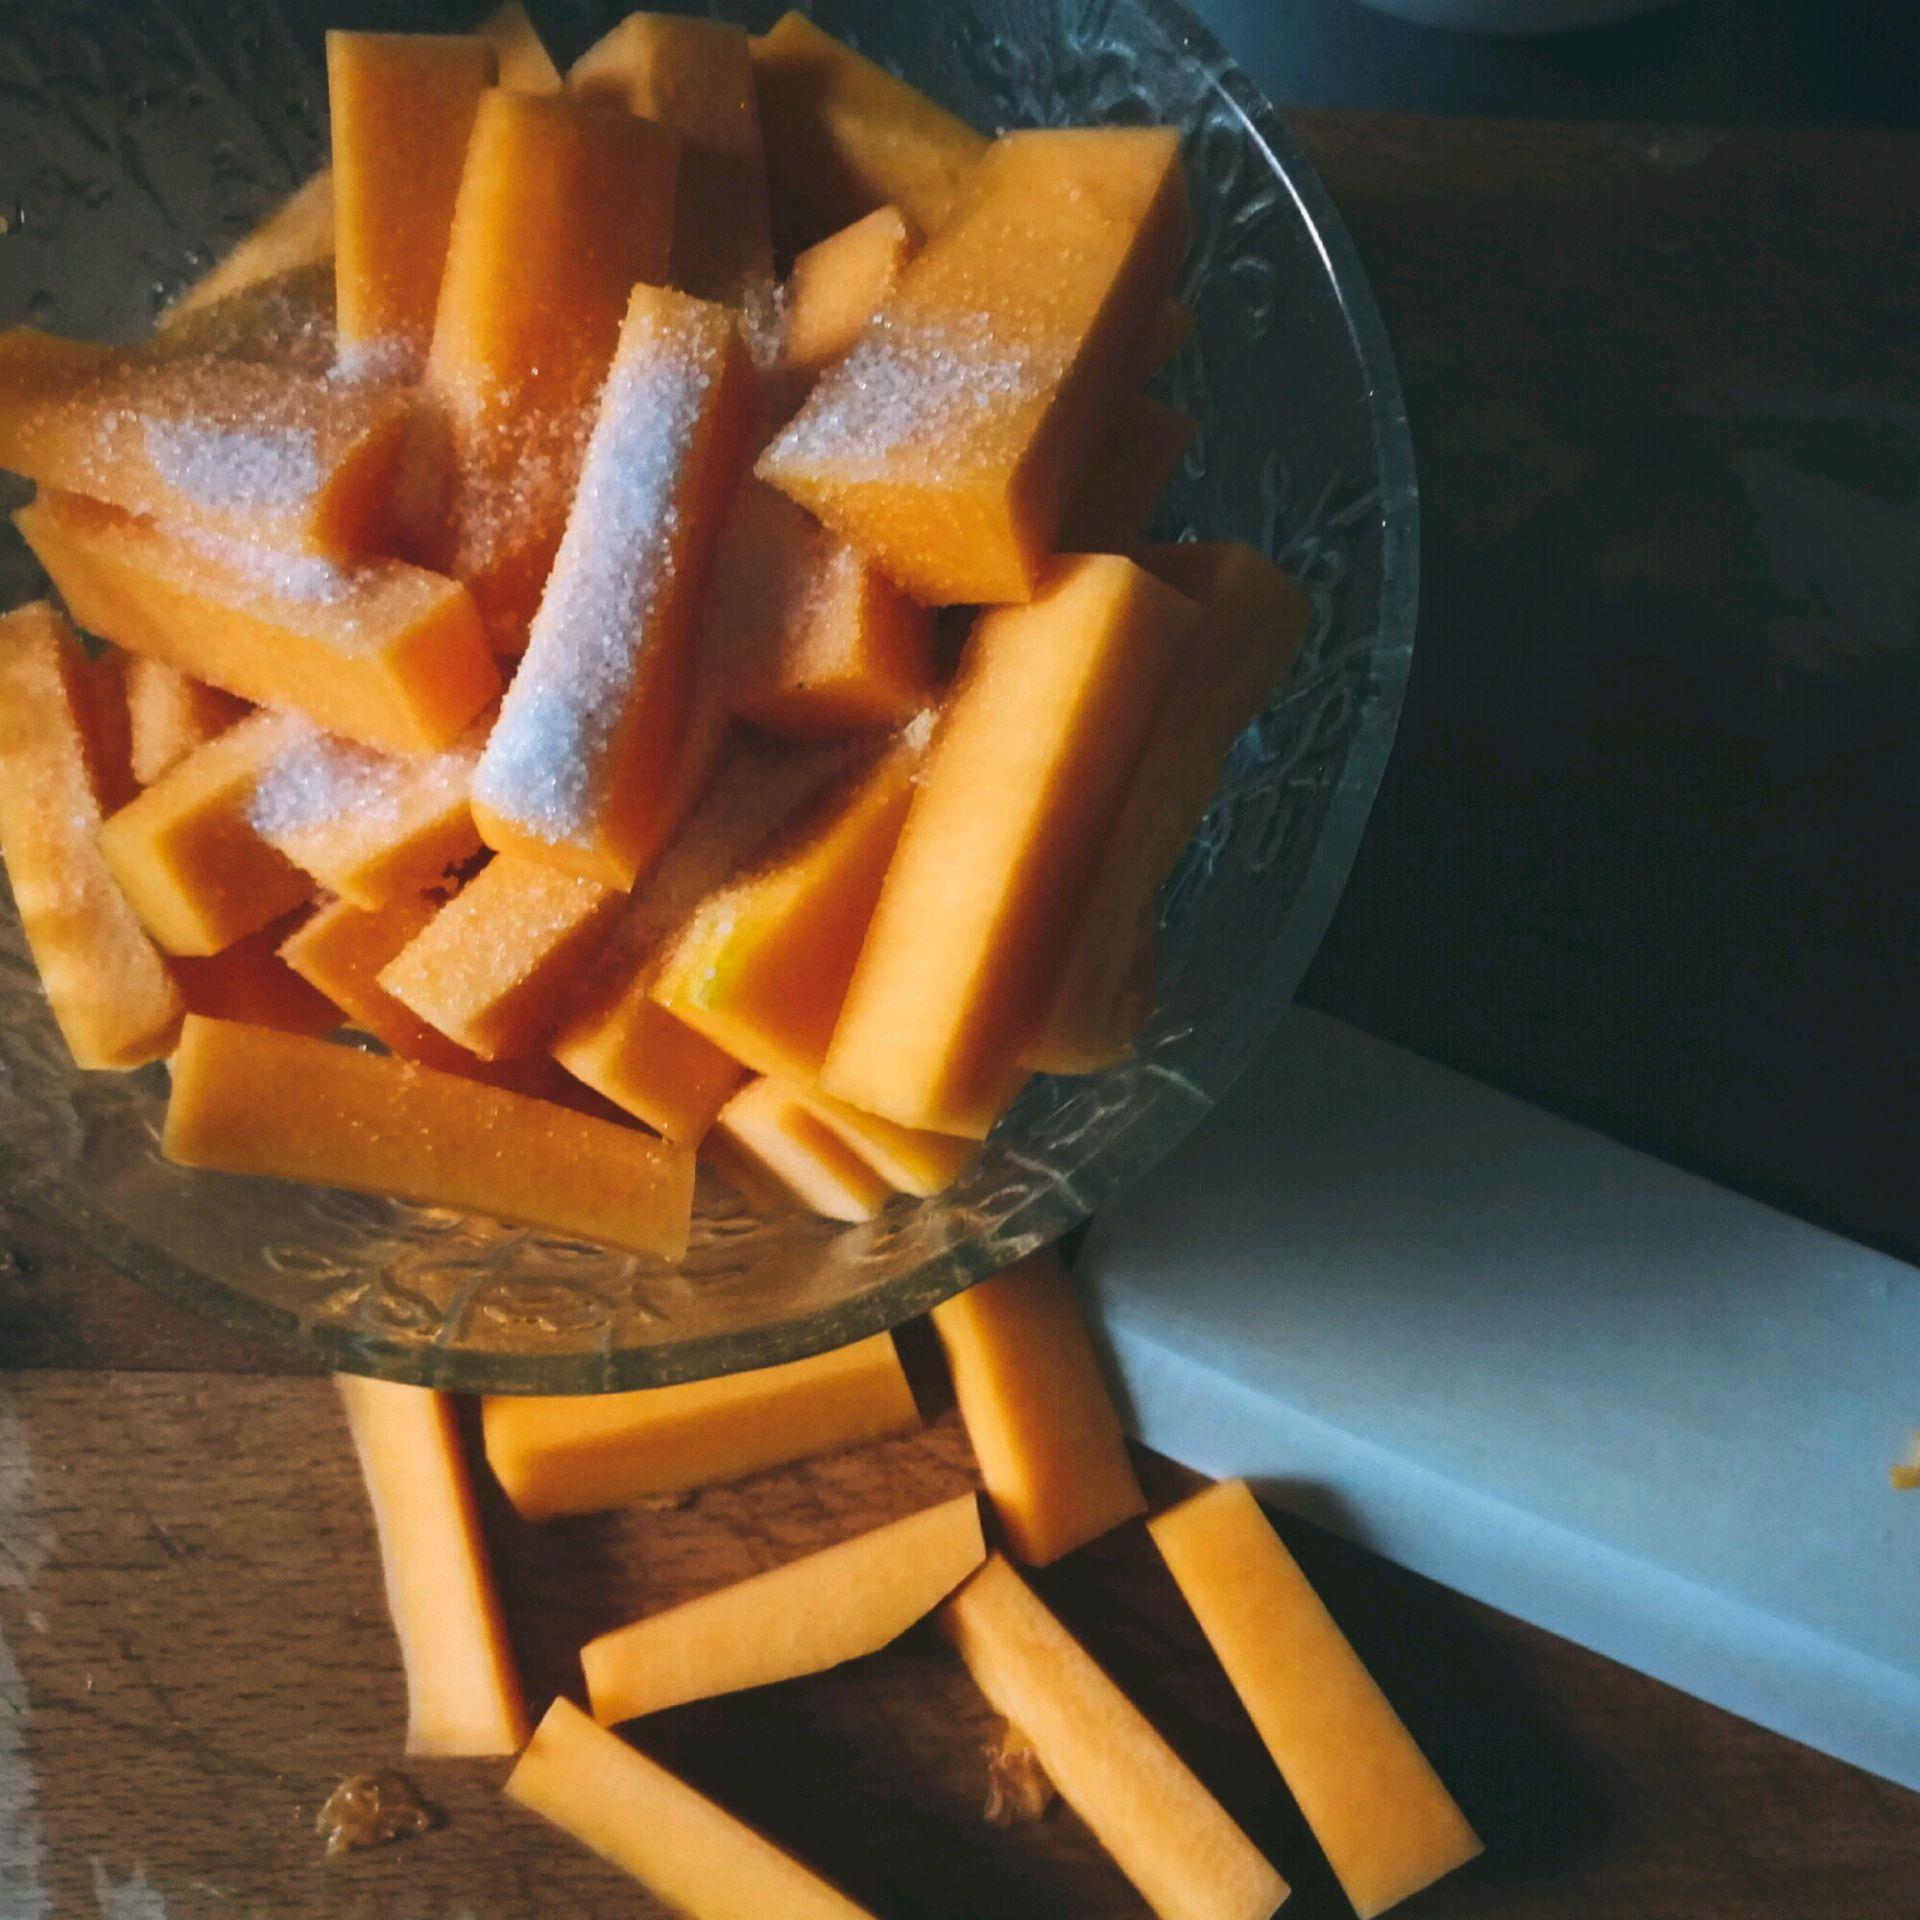 空气炸锅版咸蛋黄焗南瓜的做法图解1